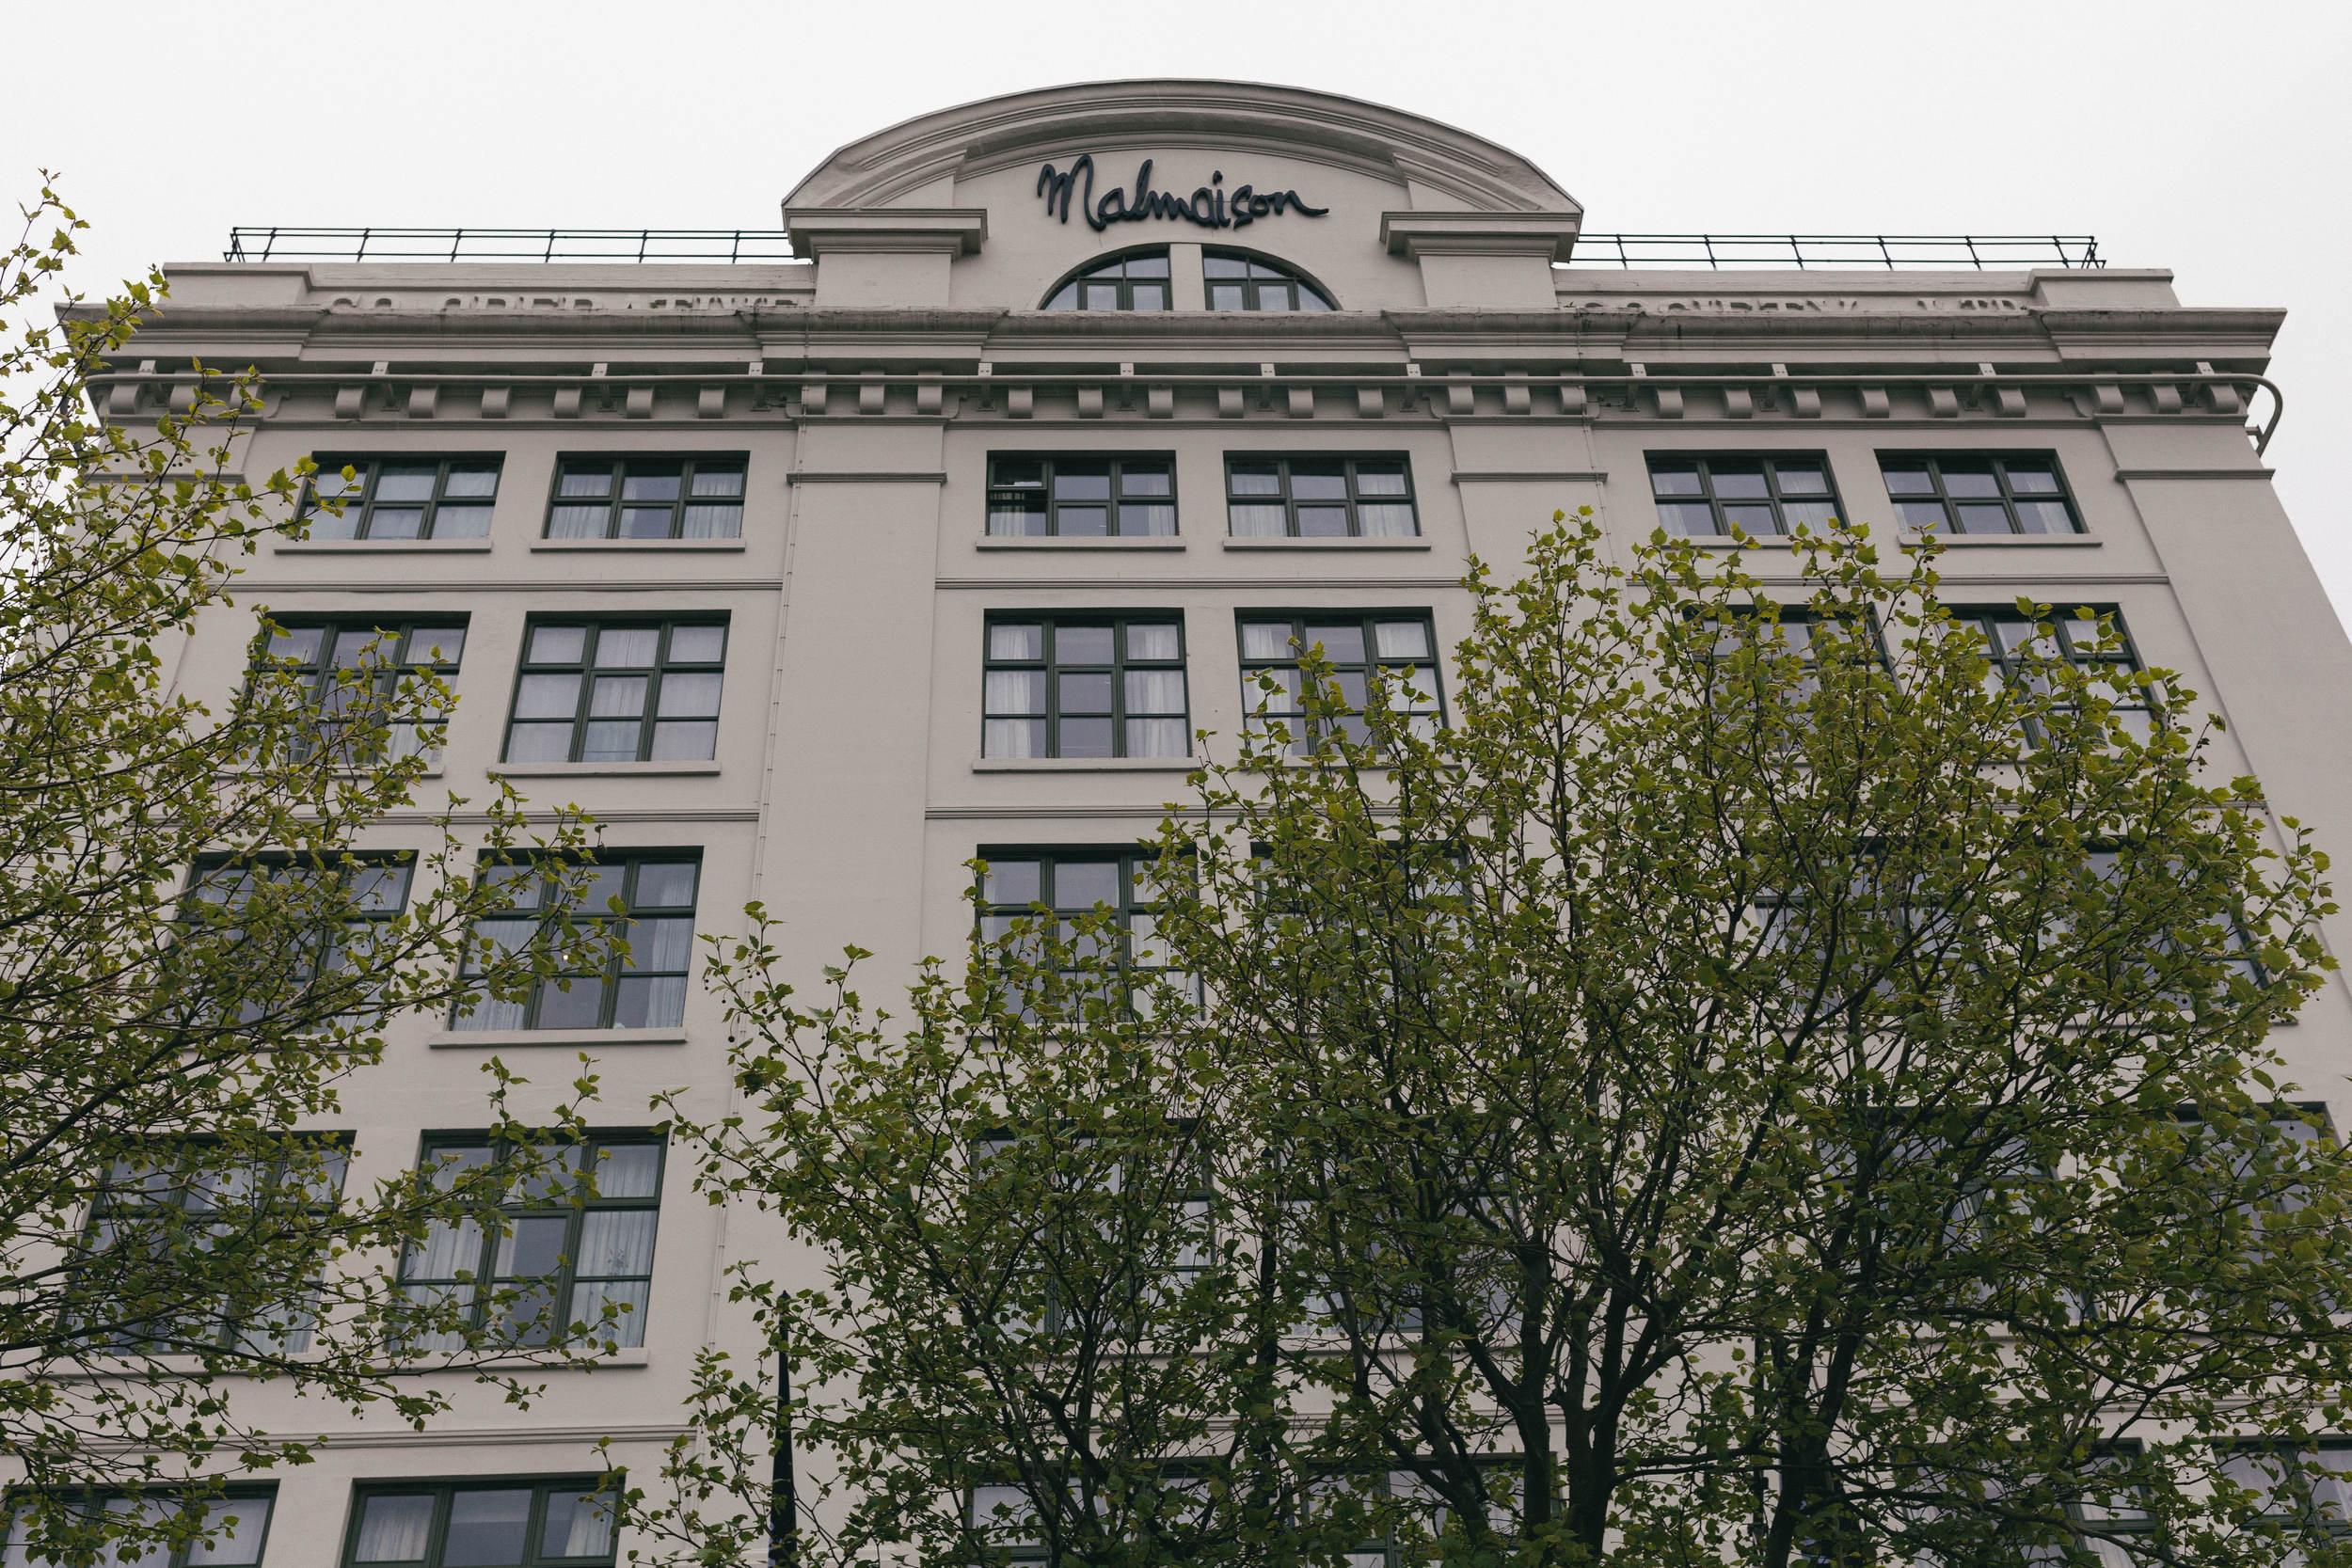 The facade of the Malmaison Hotel Newcastle upon Tyne